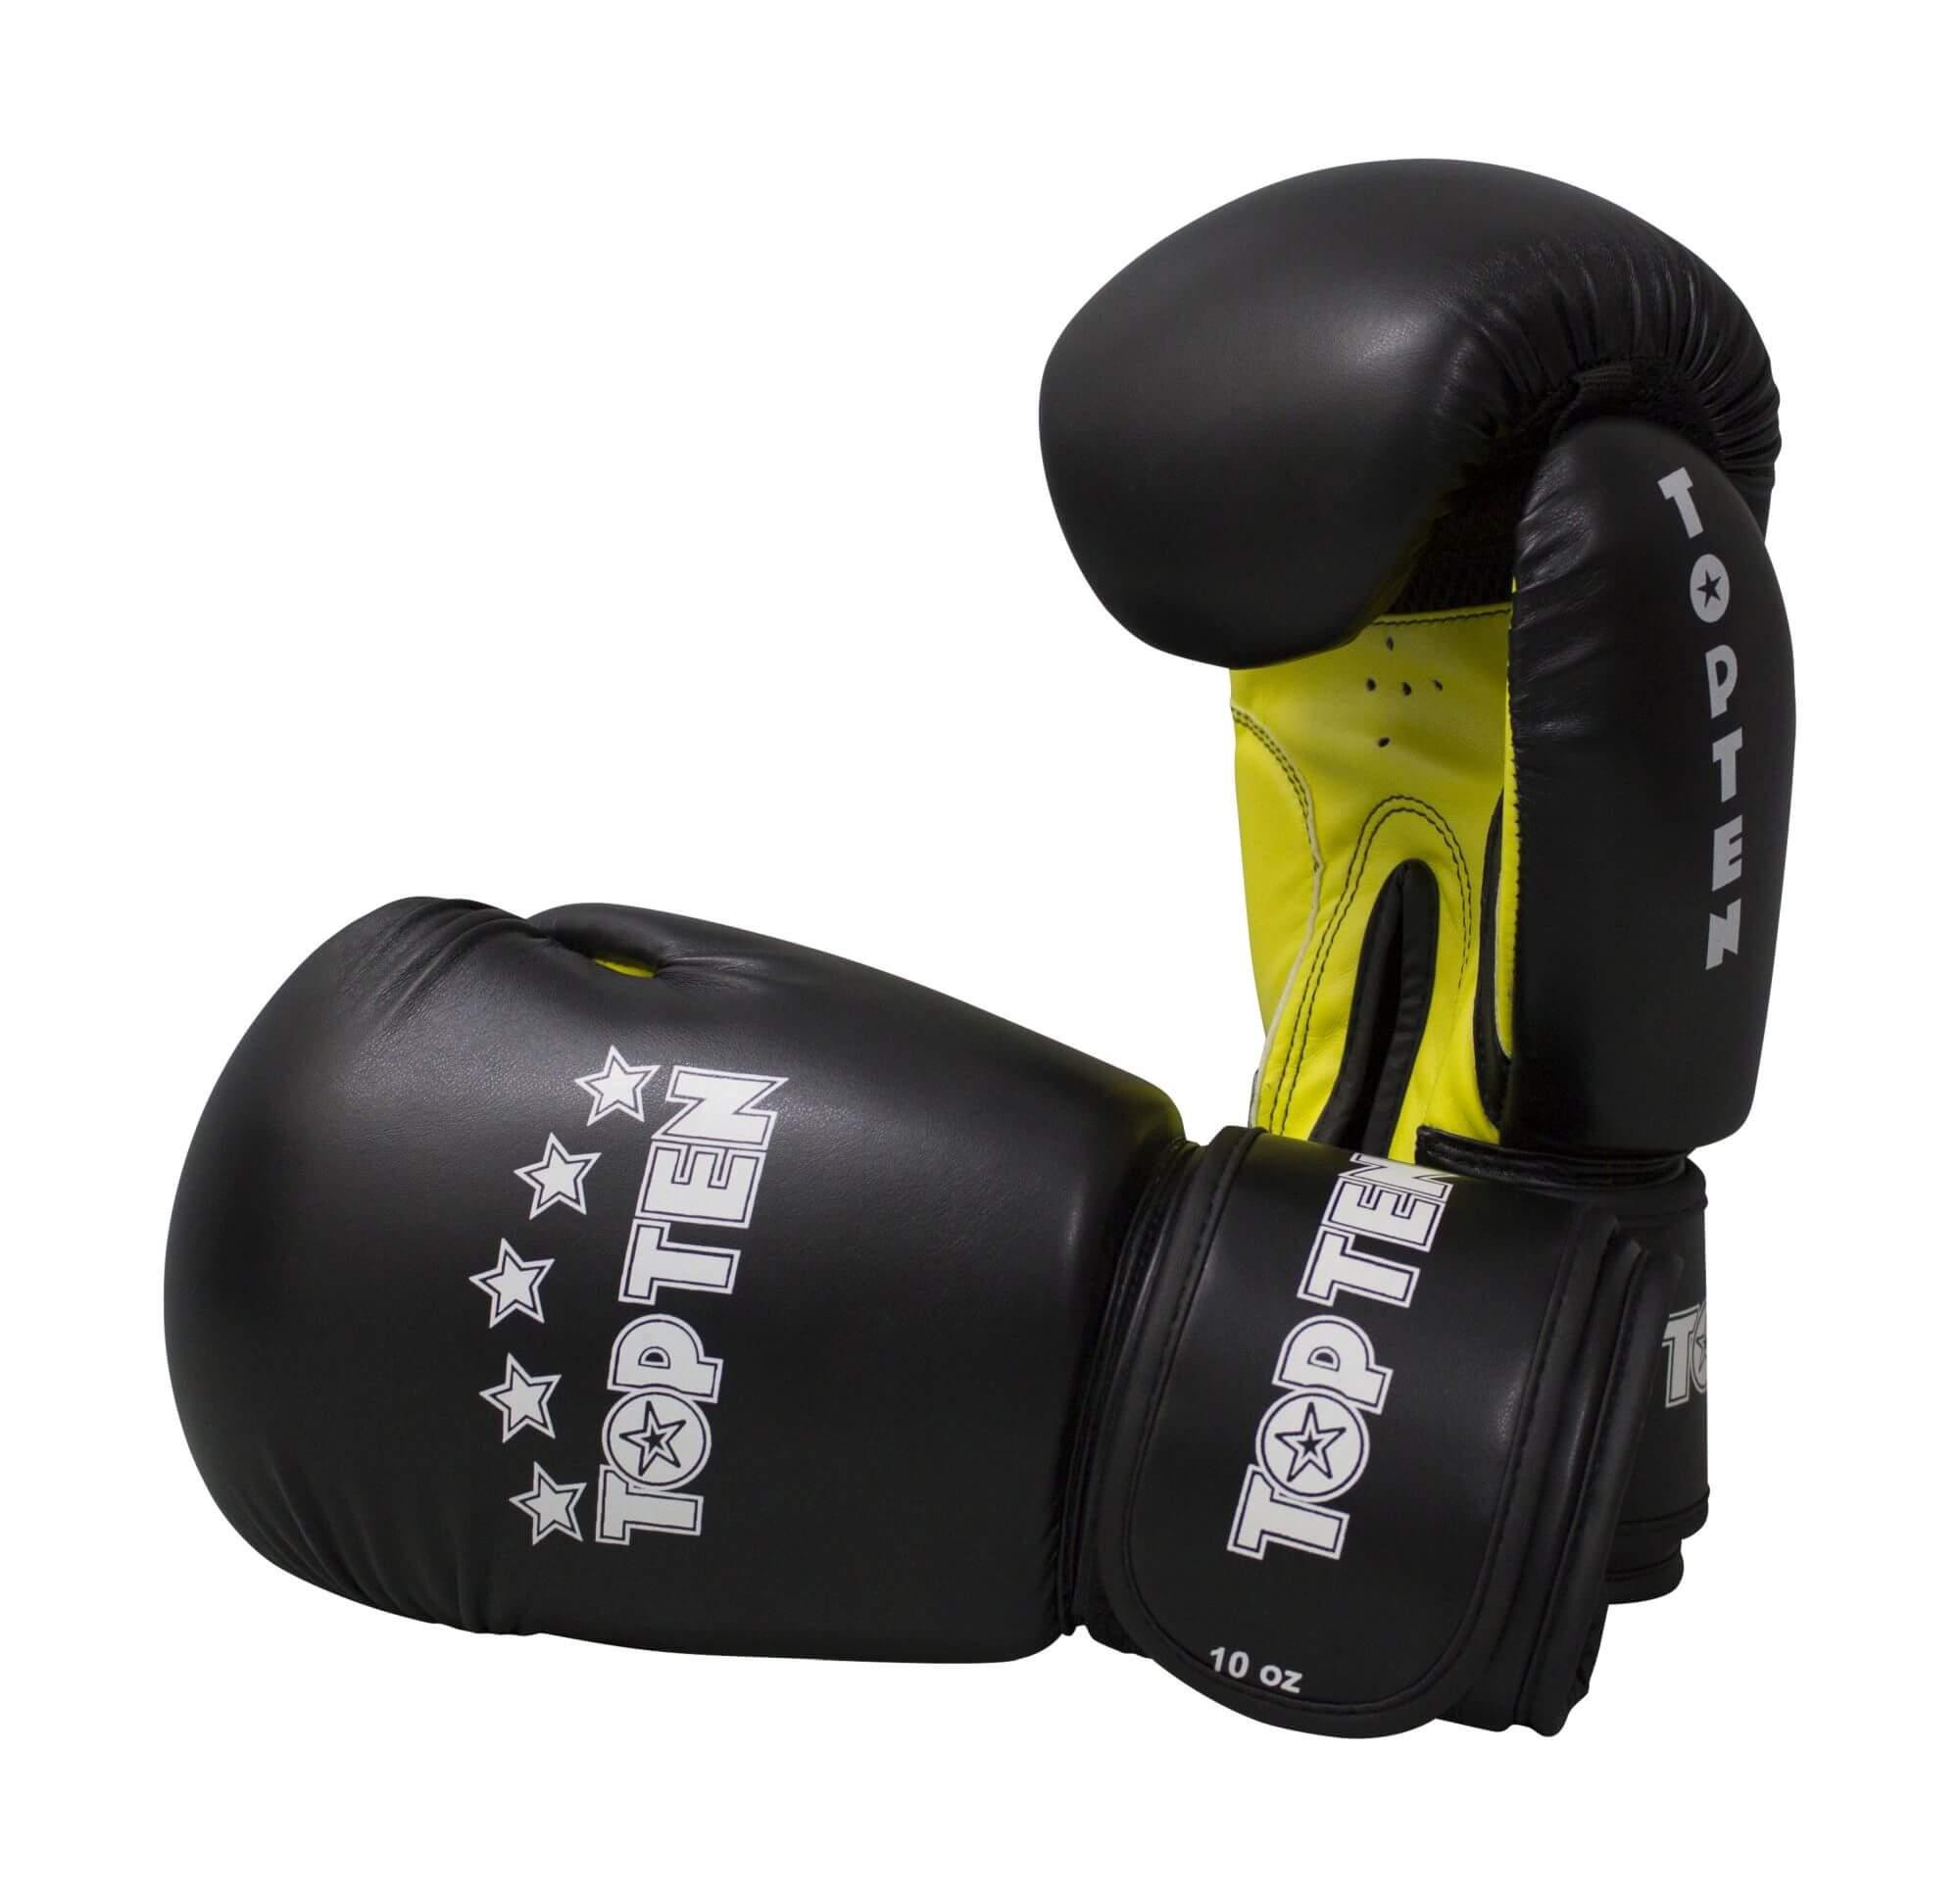 Boxhandschuhe R2M 2016 Schwarz-Gelb